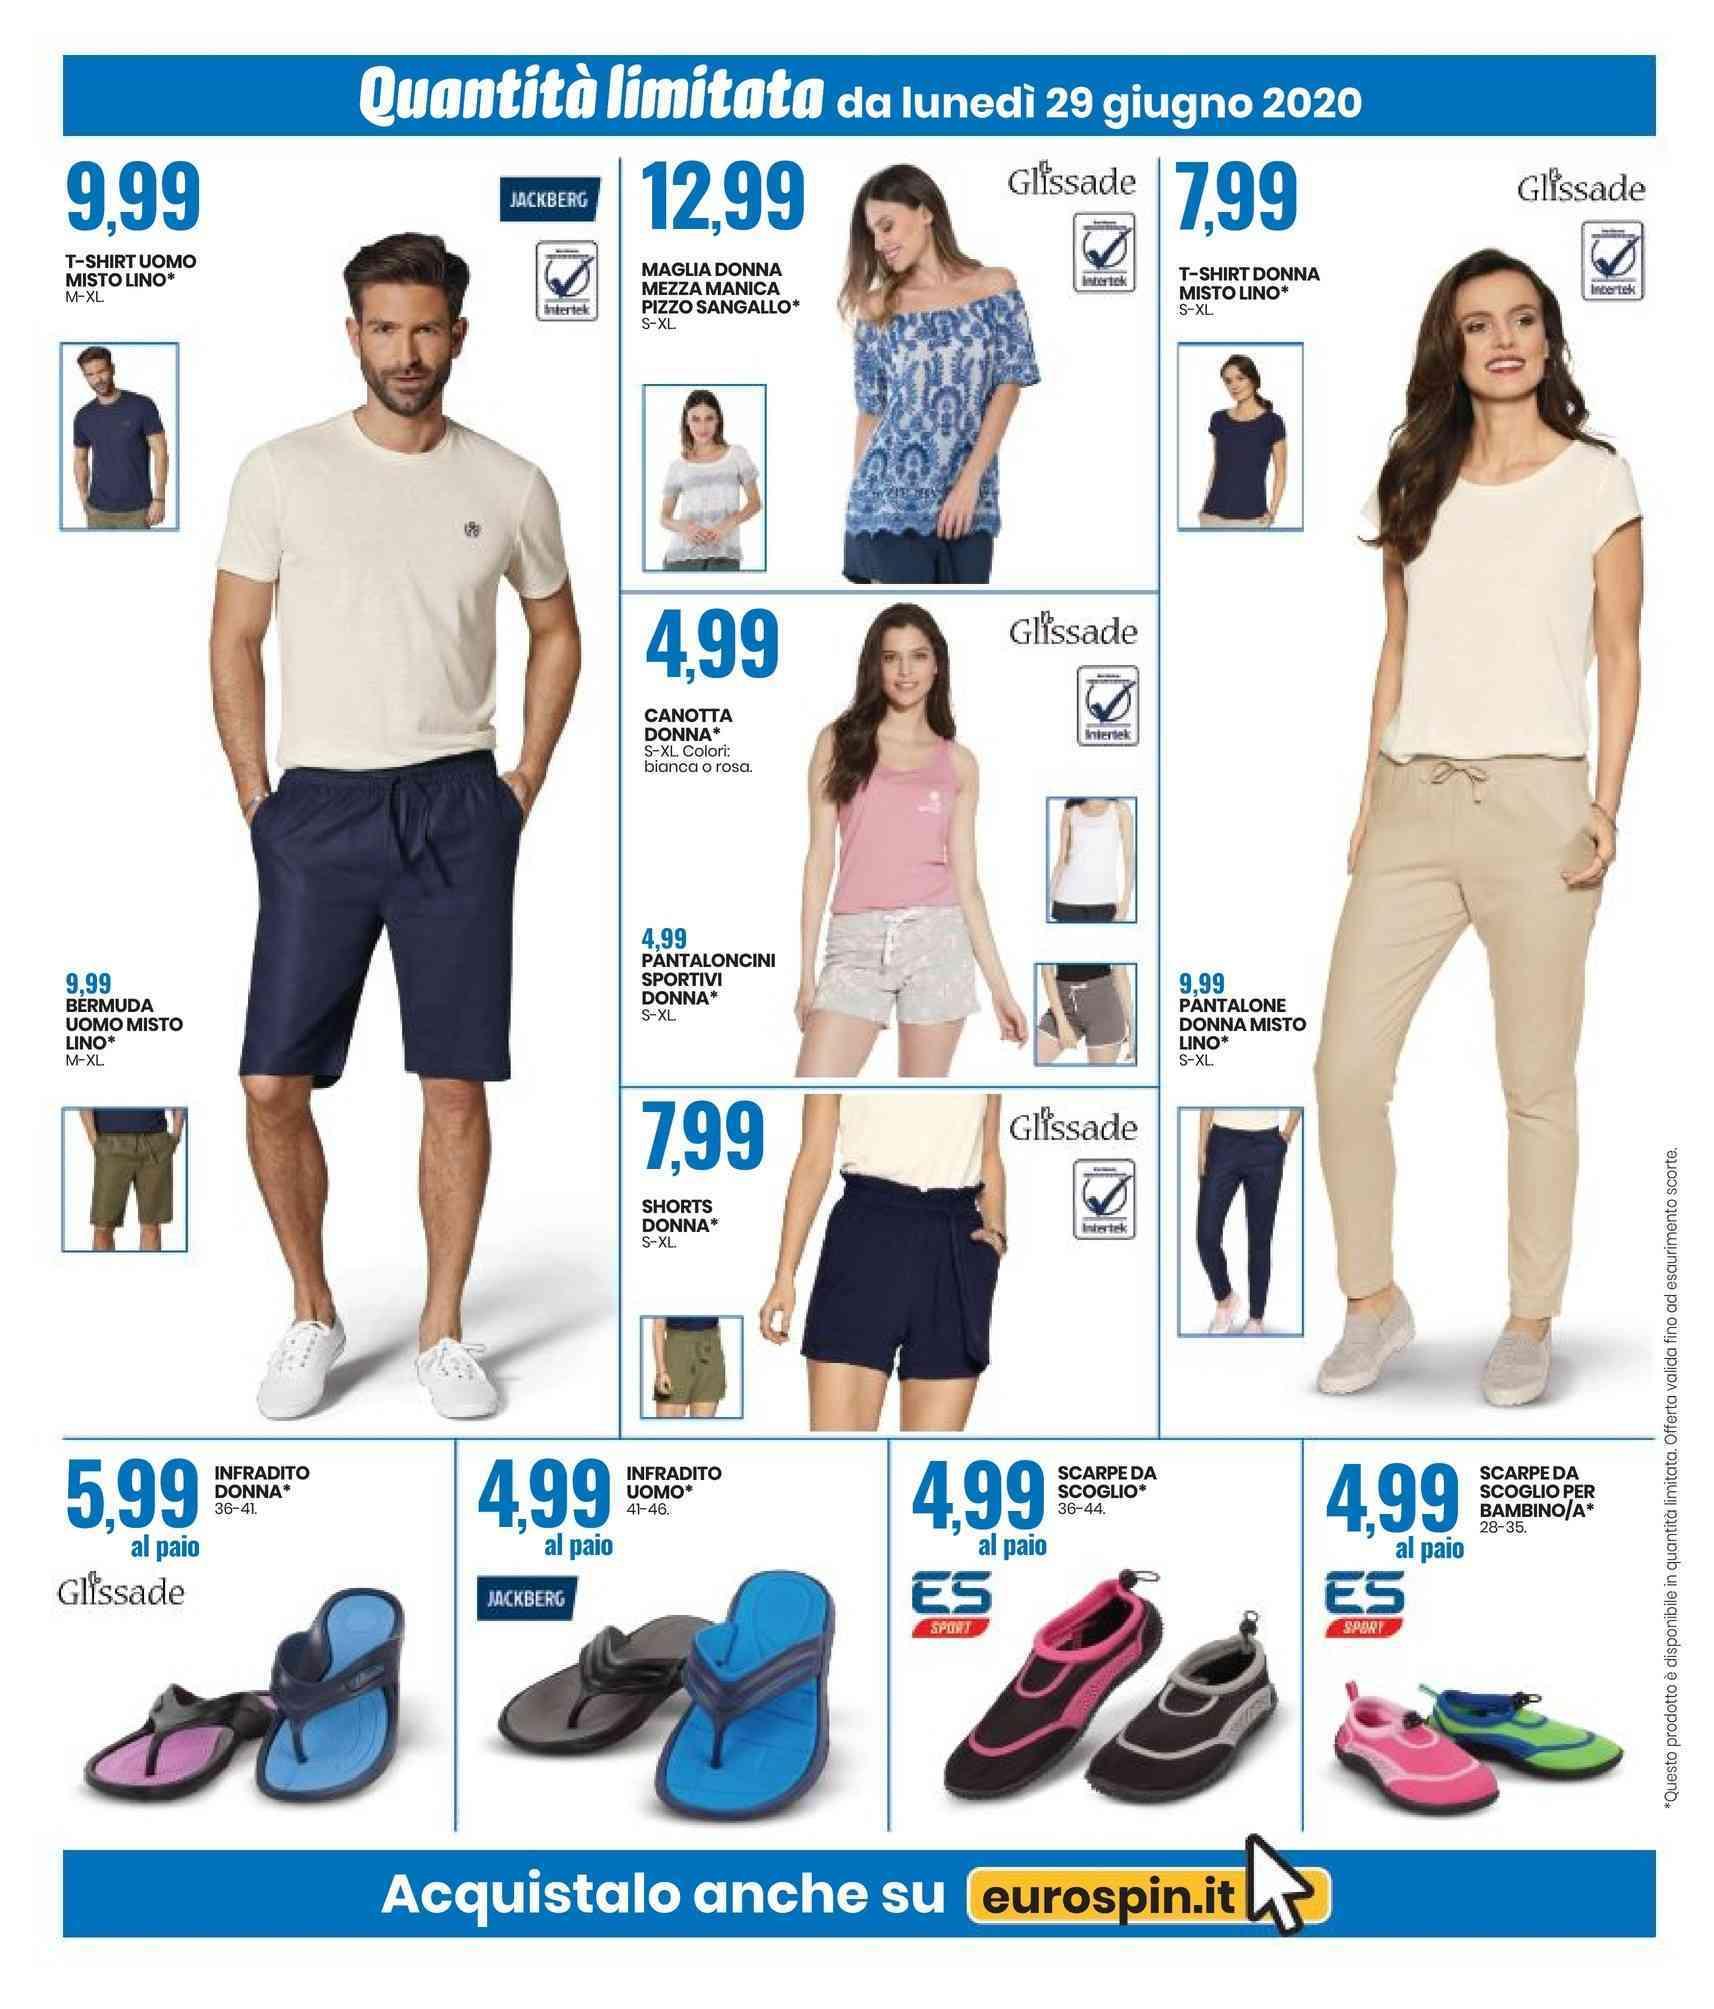 Scarpe in offerta Cerignola, promozione scarpe e sconti